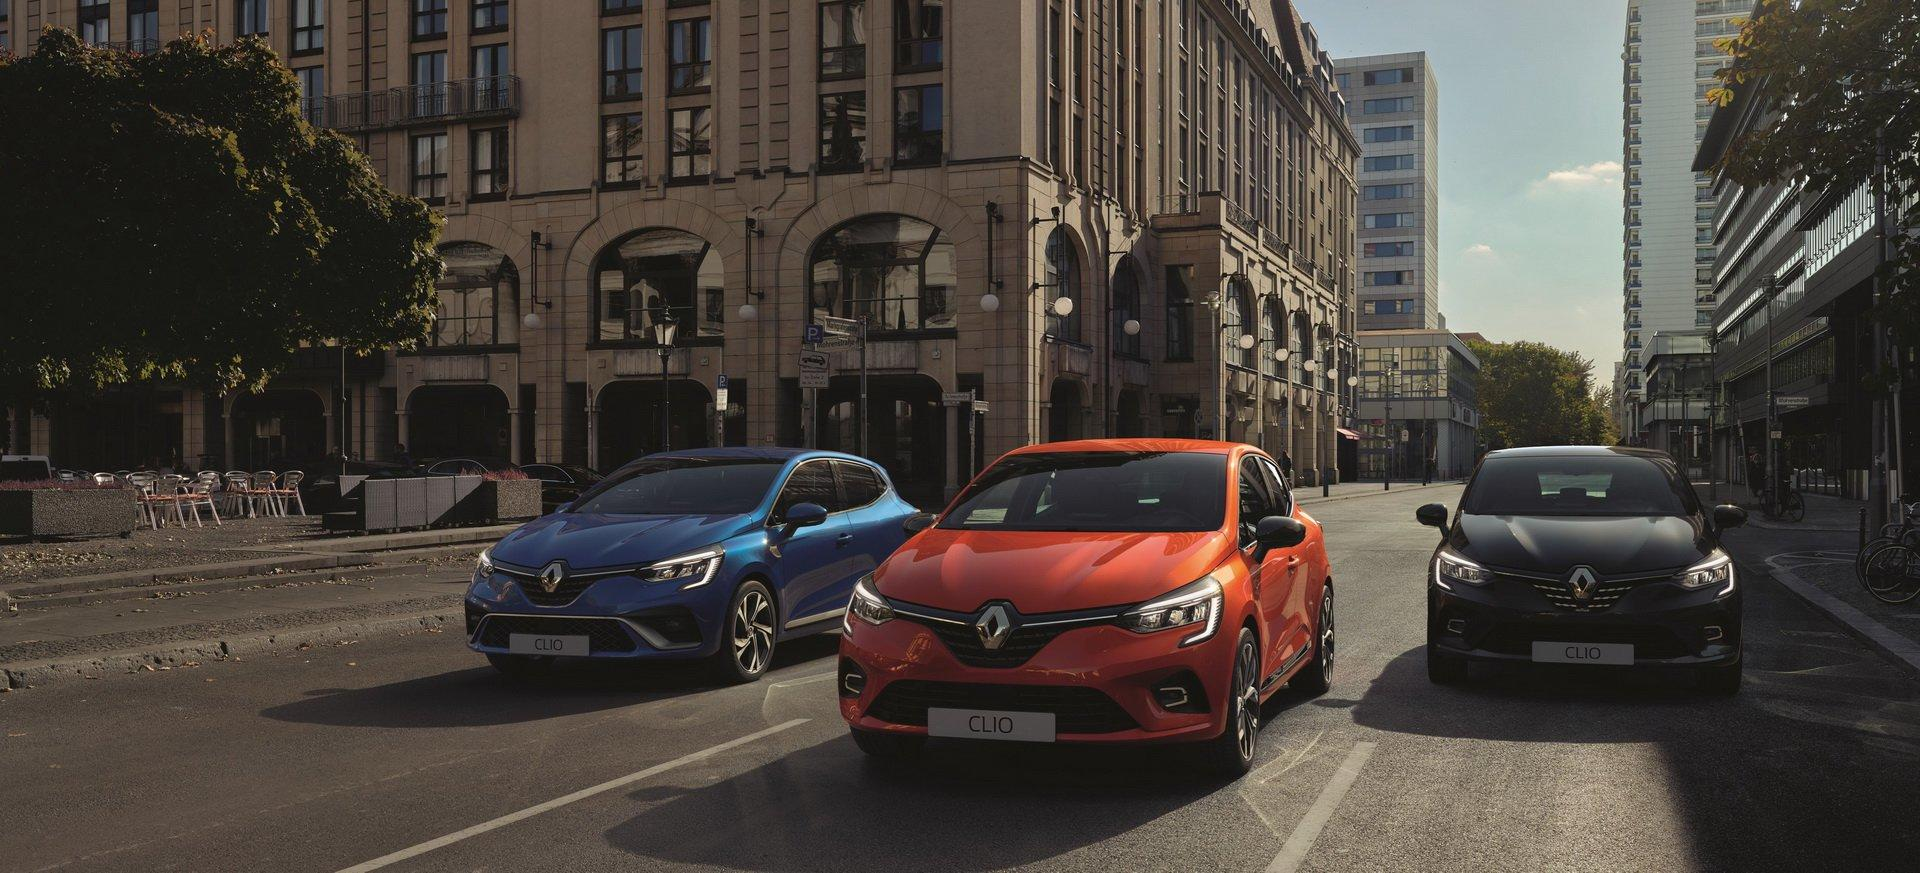 2019 Renault Clio - 2019 Renault Clio